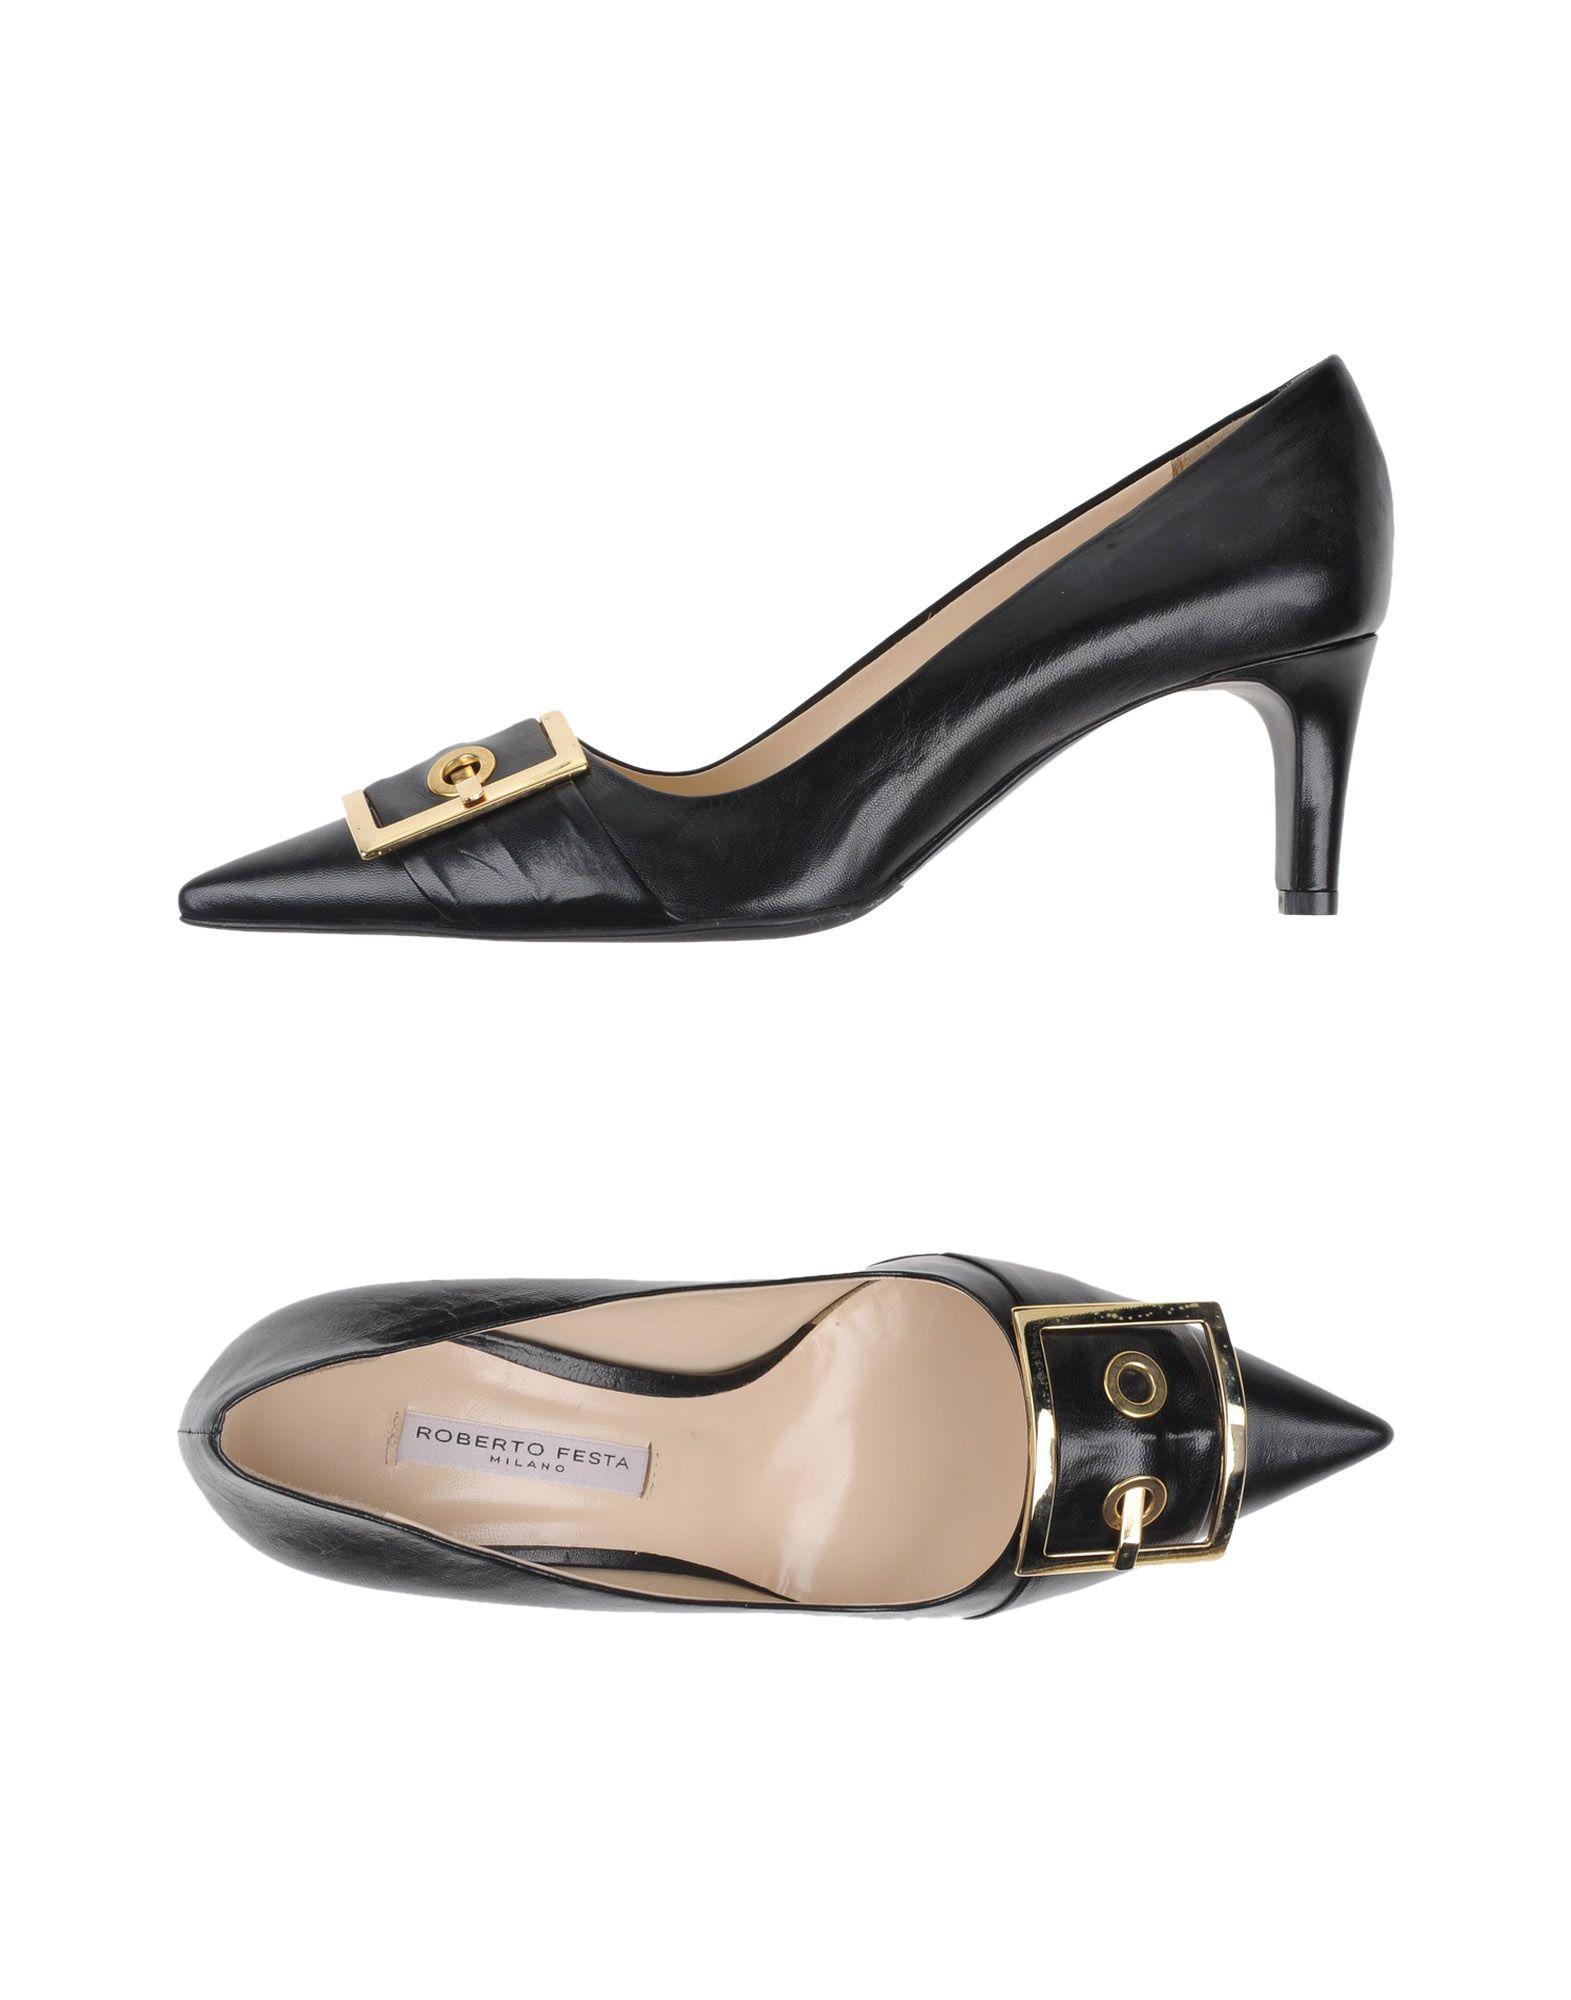 Gut Festa um billige Schuhe zu tragenRoberto Festa Gut Pumps Damen  11024223LD 27d1b1